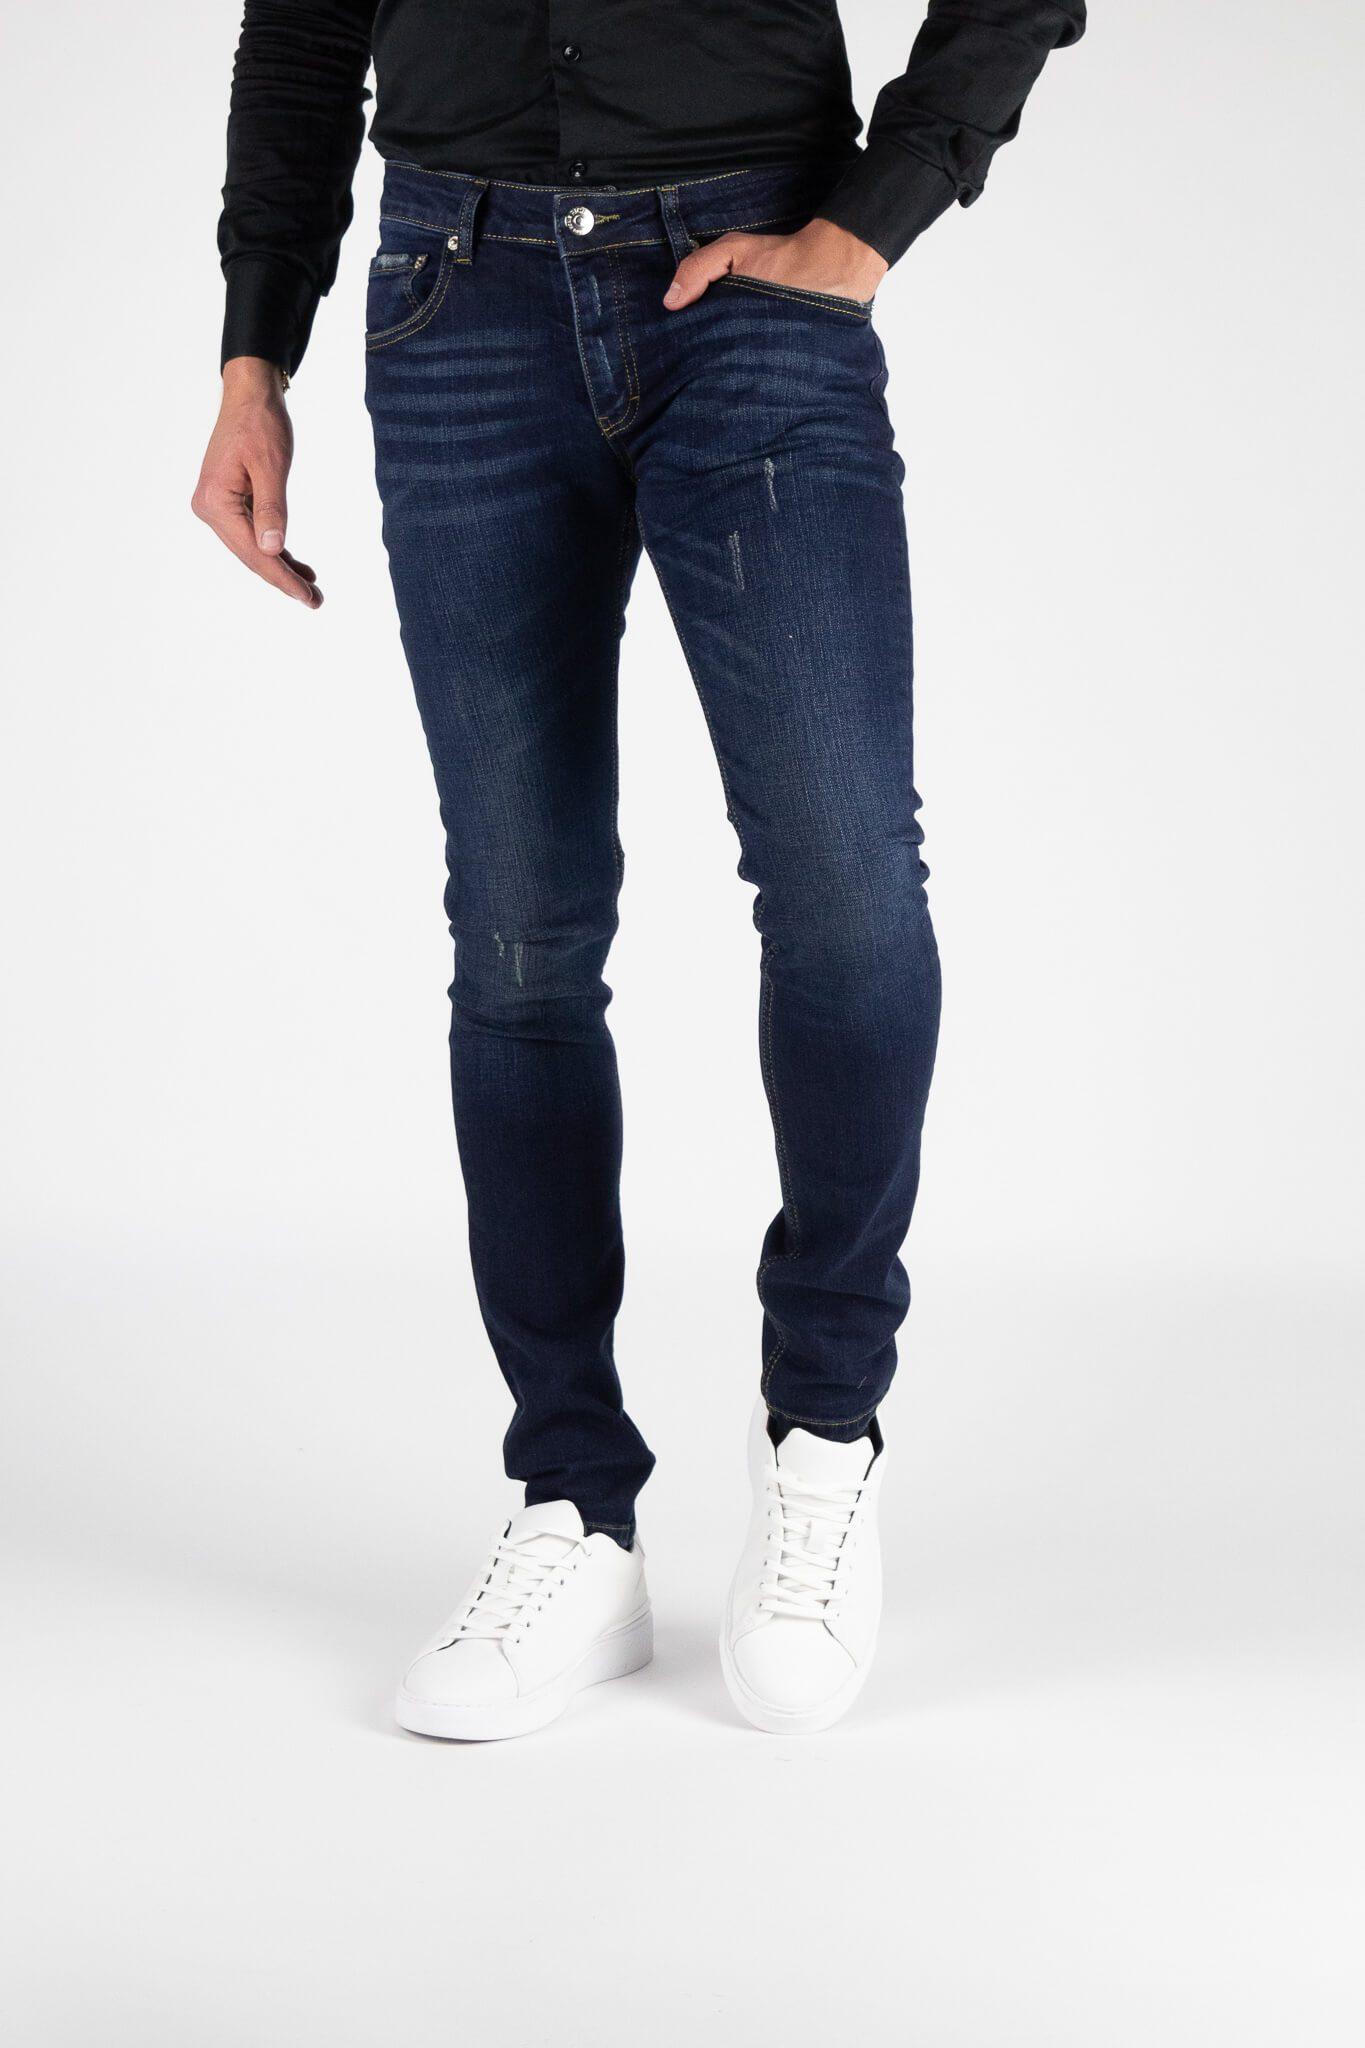 Morlaix-Dark-Blue-Jeans-5.jpg